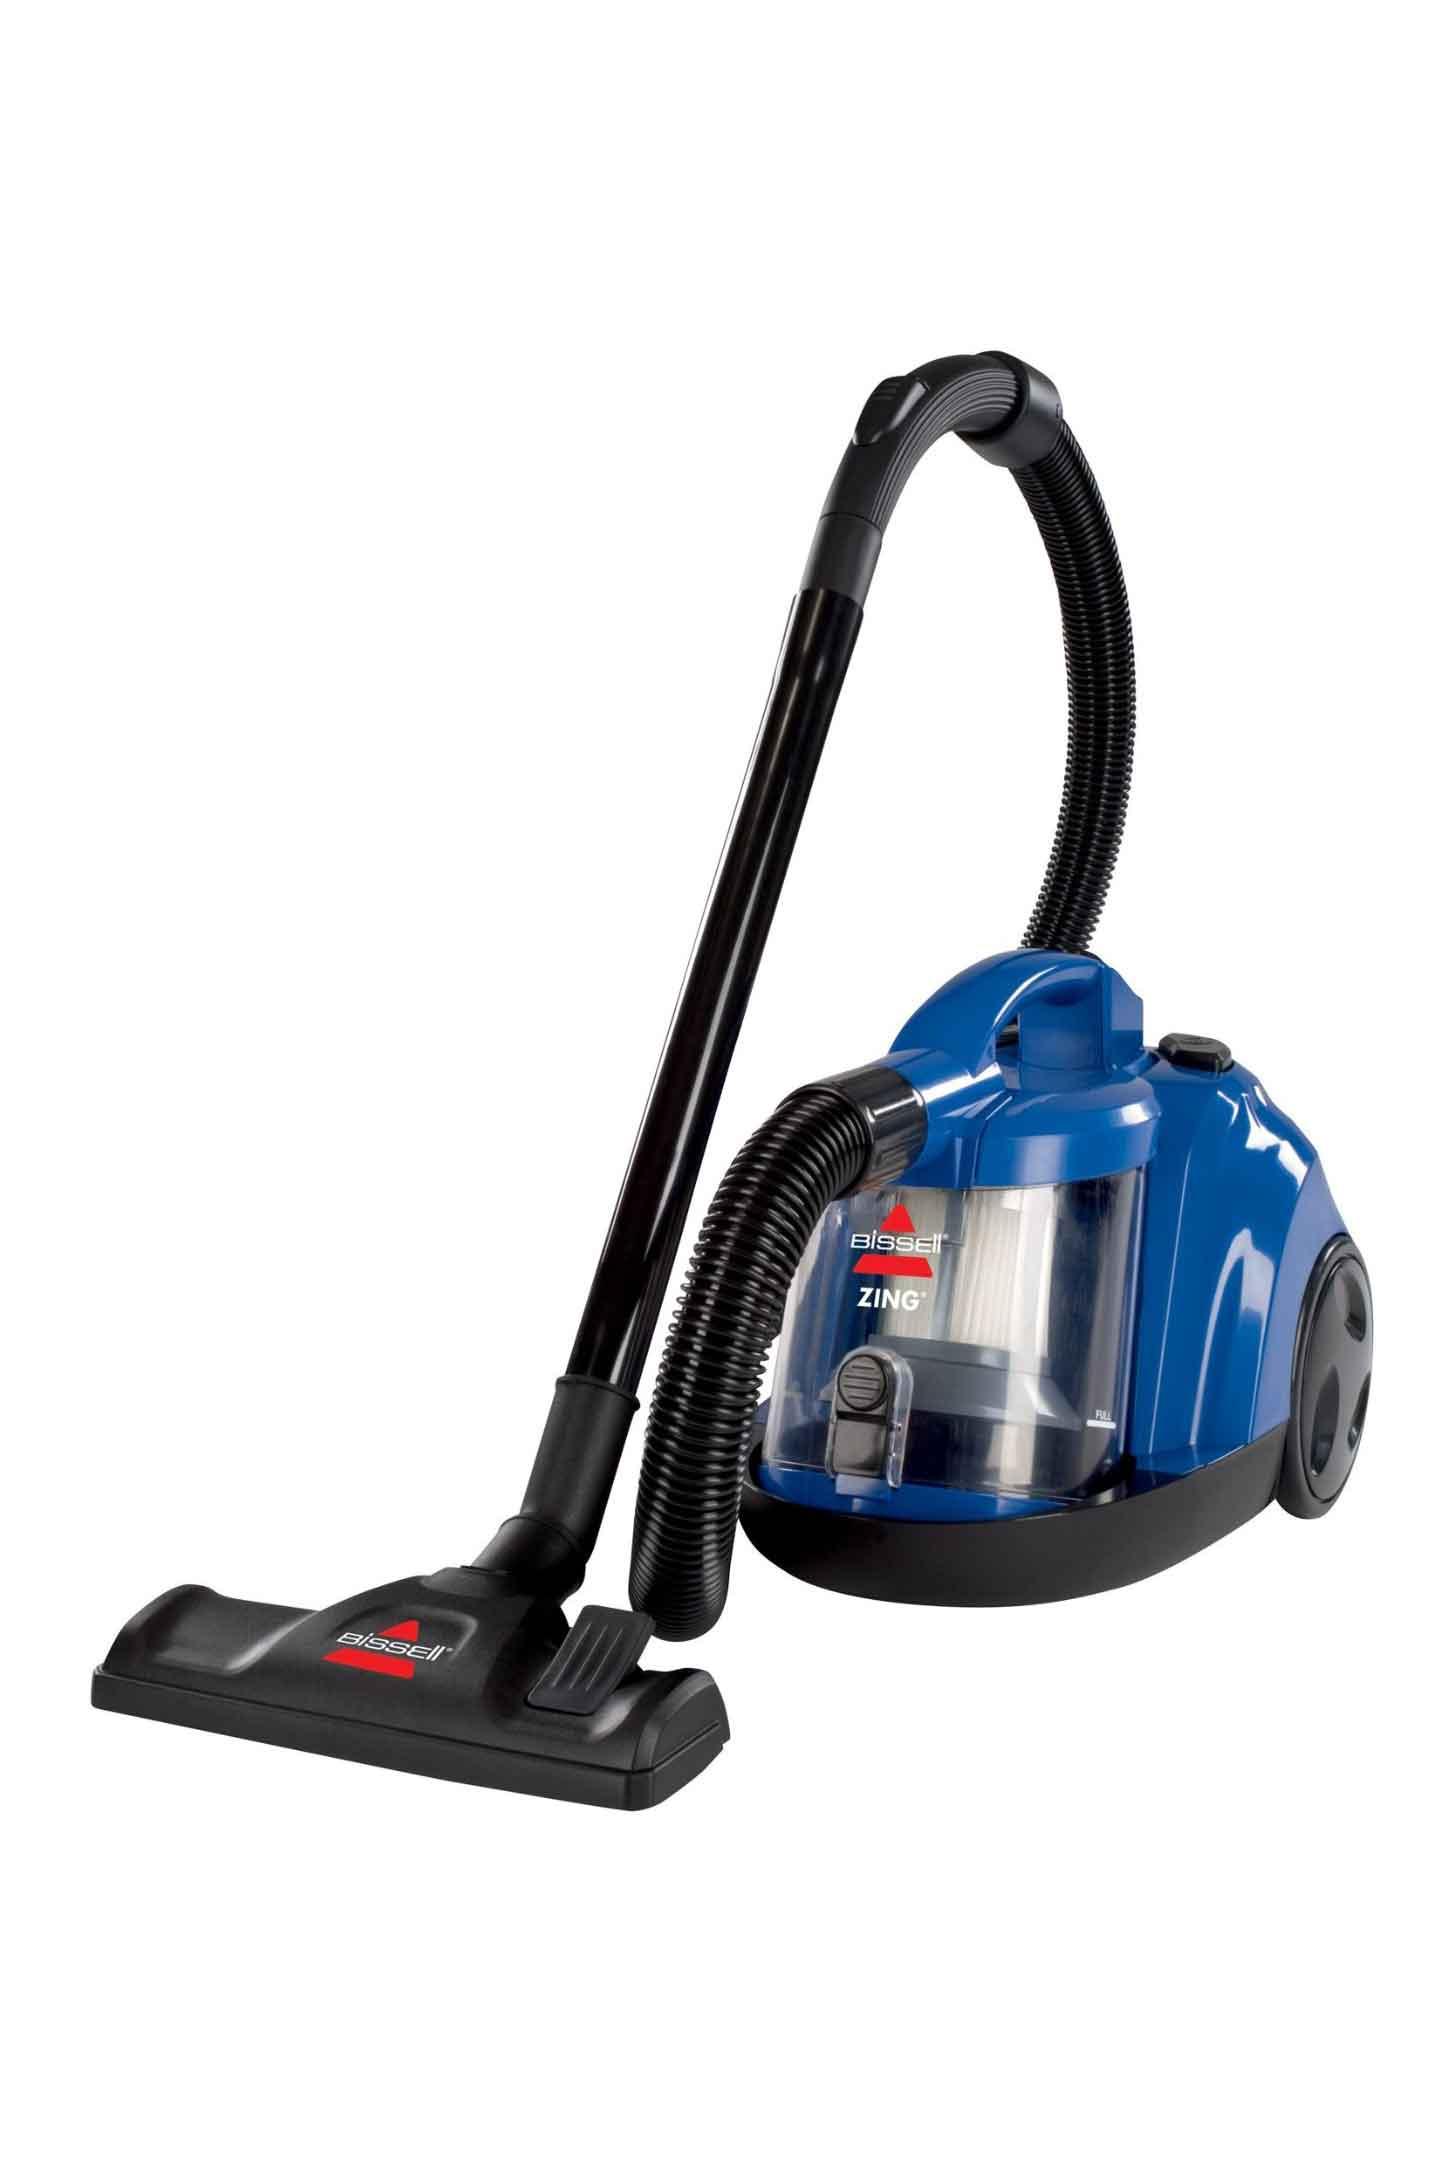 The Best Lightweight Vacuums Nerdwallet